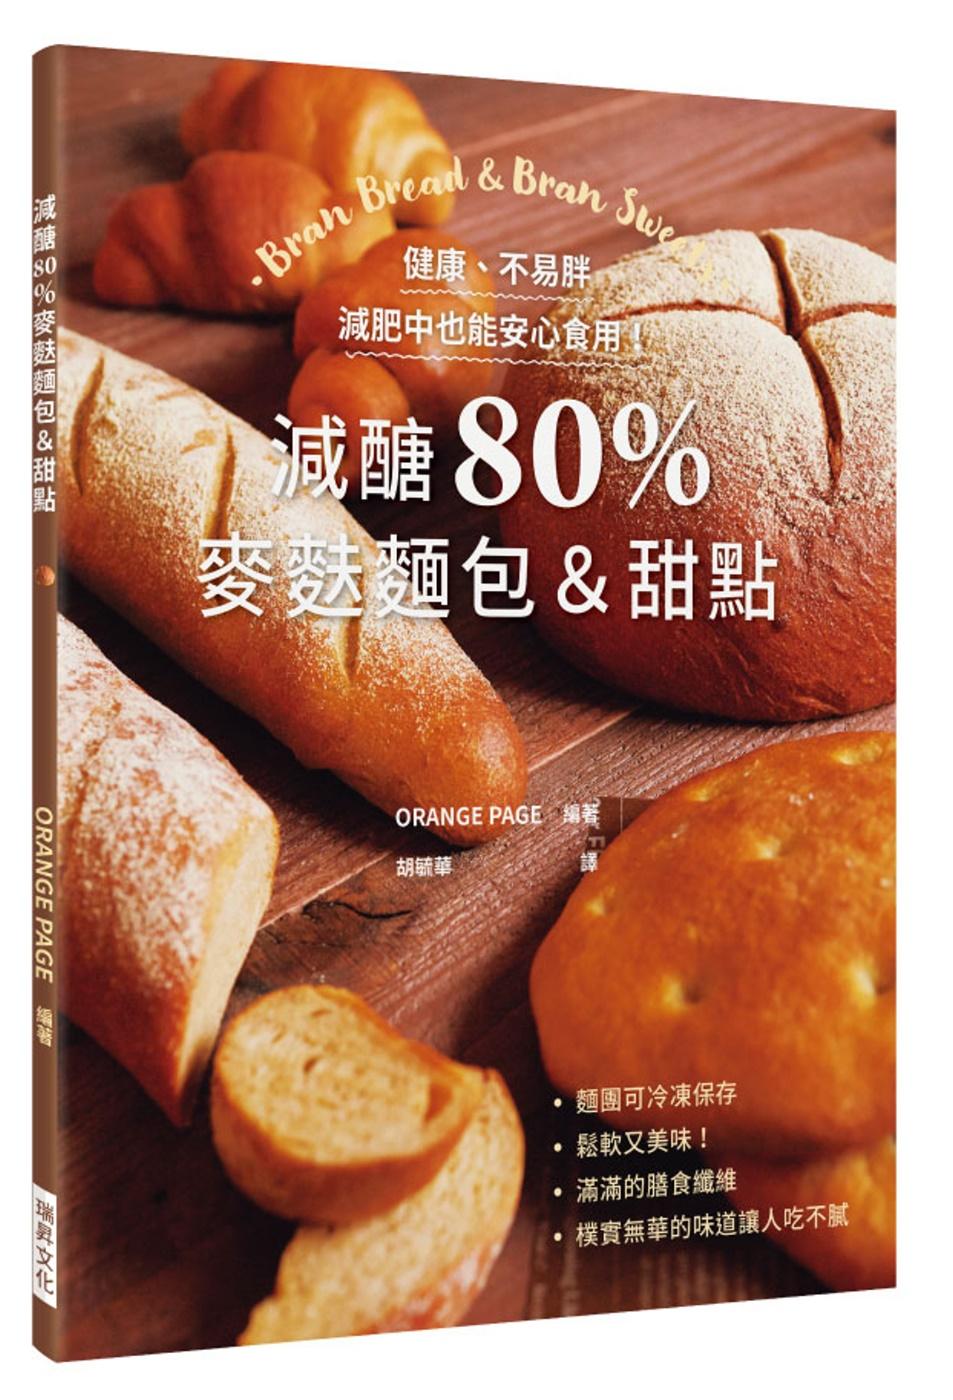 ◤博客來BOOKS◢ 暢銷書榜《推薦》減醣80% 麥麩麵包&甜點:健康、不易胖,減肥中也能安心食用!